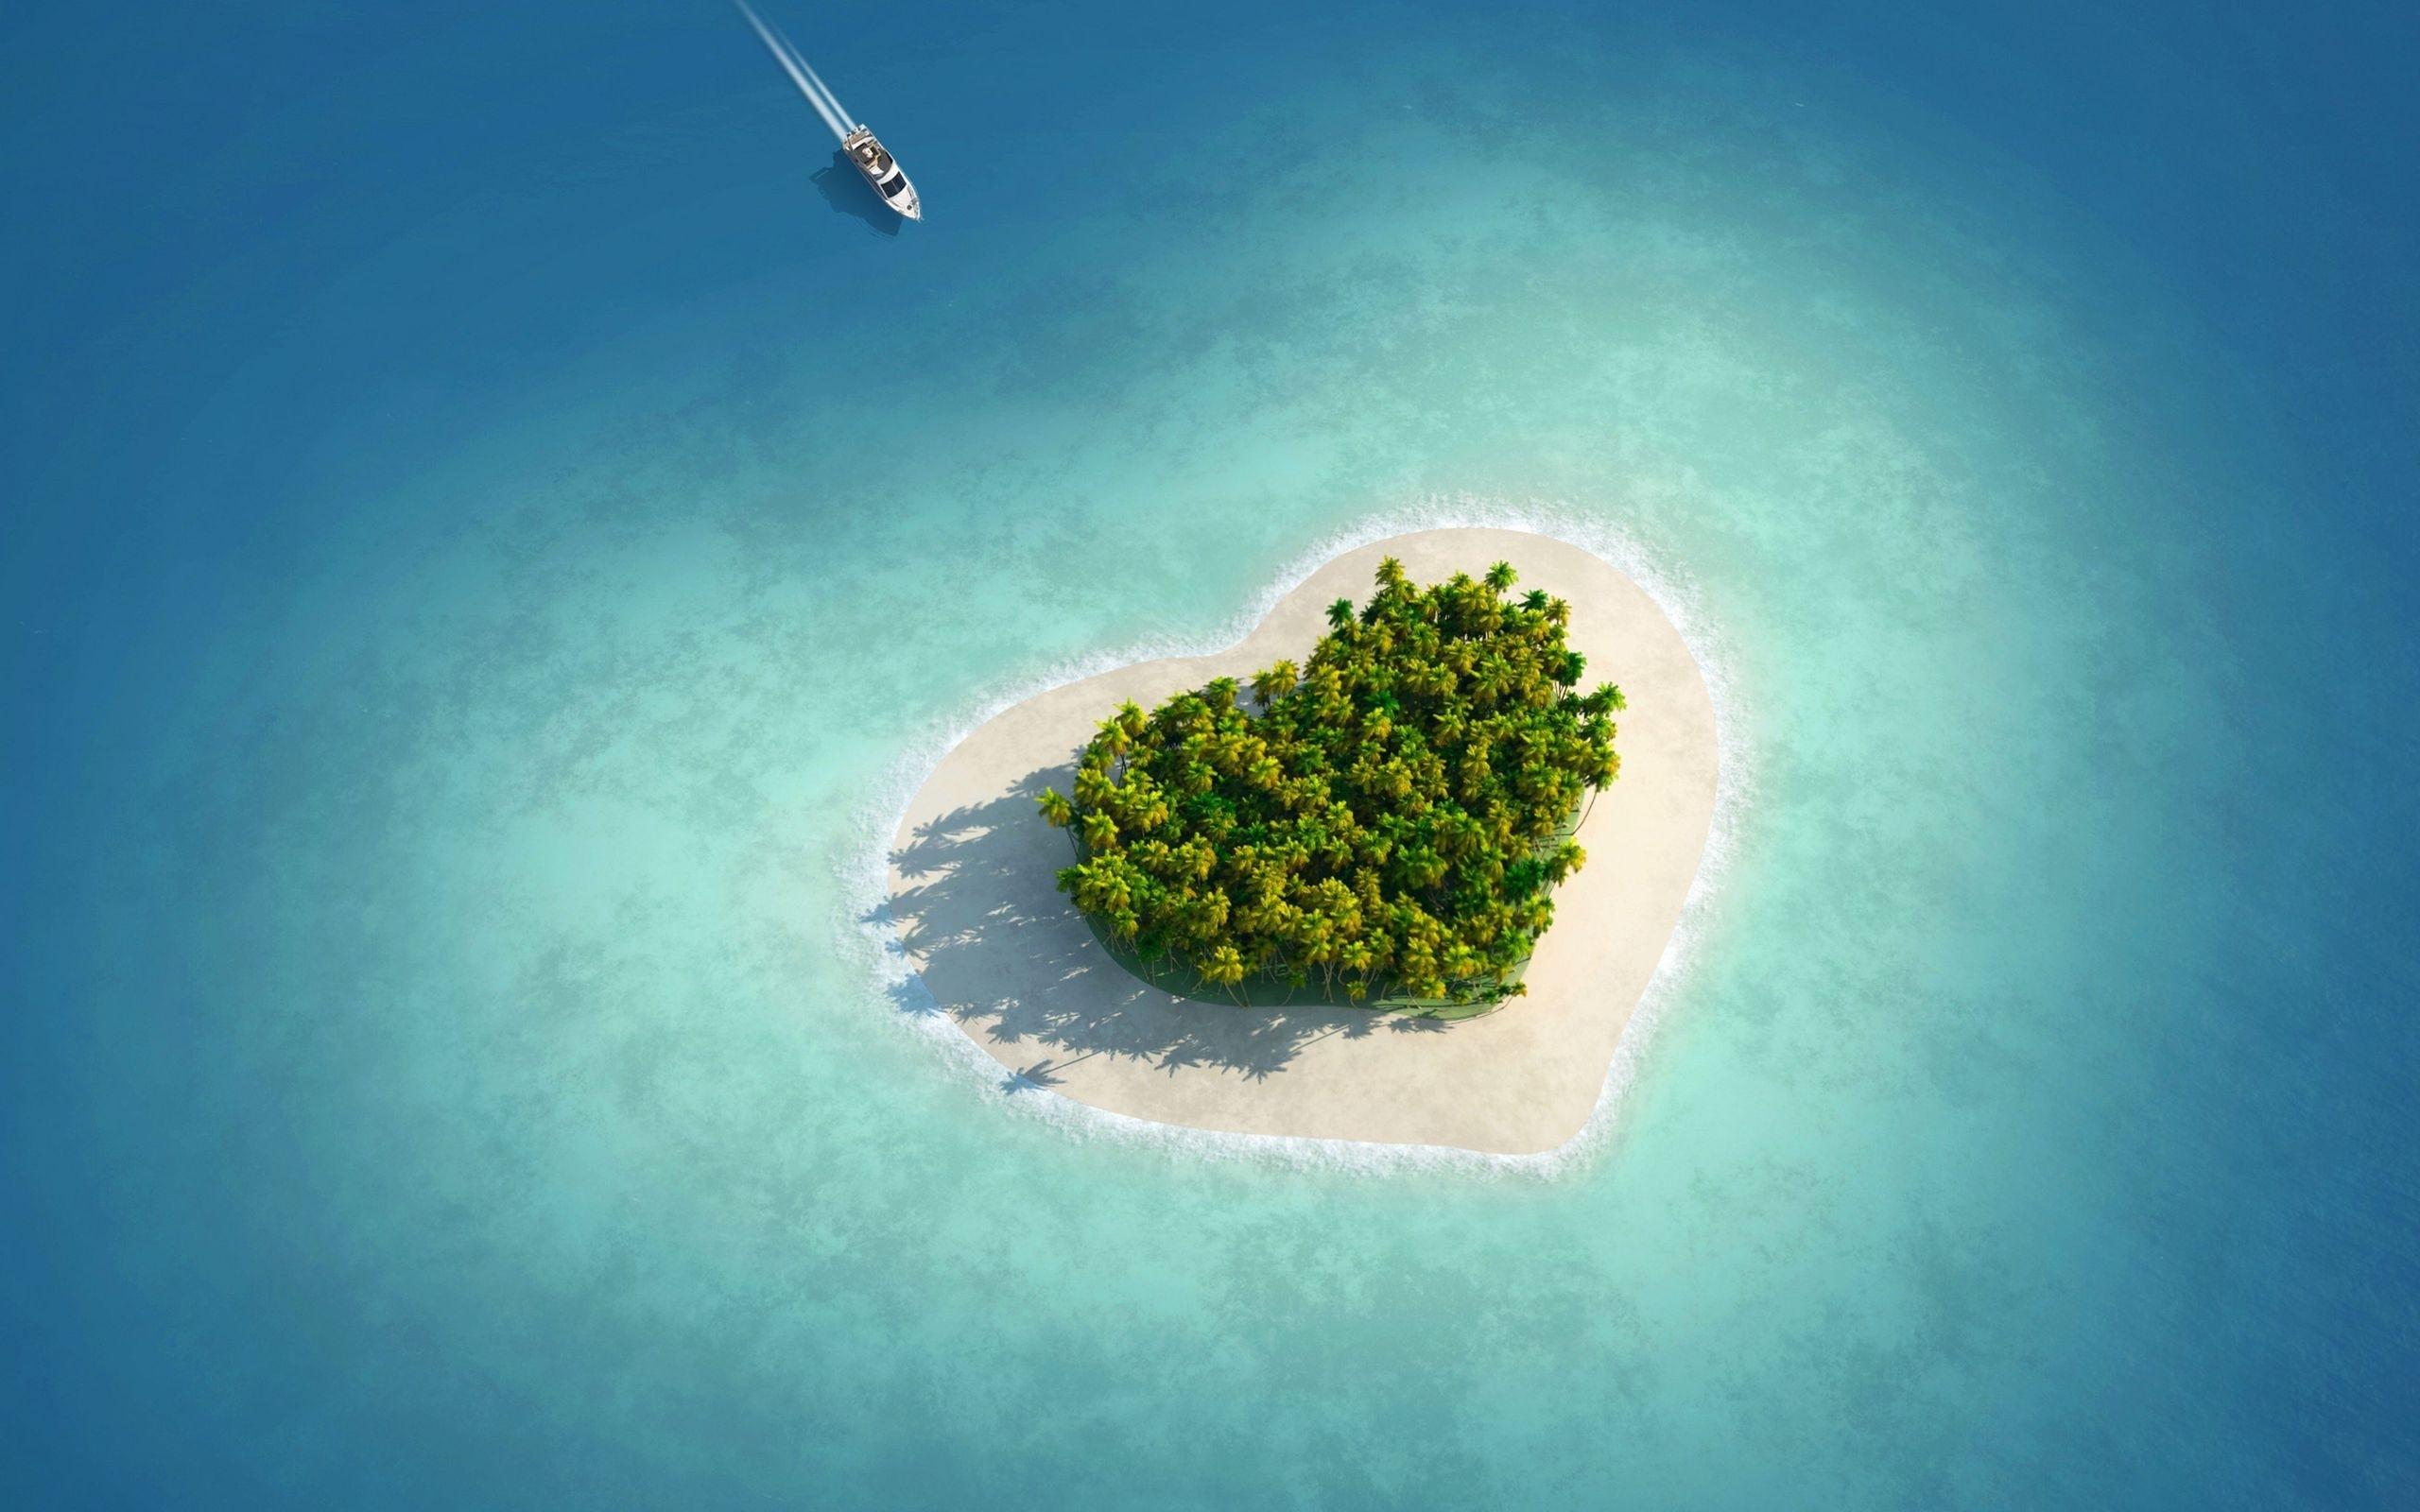 44487 скачать обои Пейзаж, Море, Природа, Пляж - заставки и картинки бесплатно